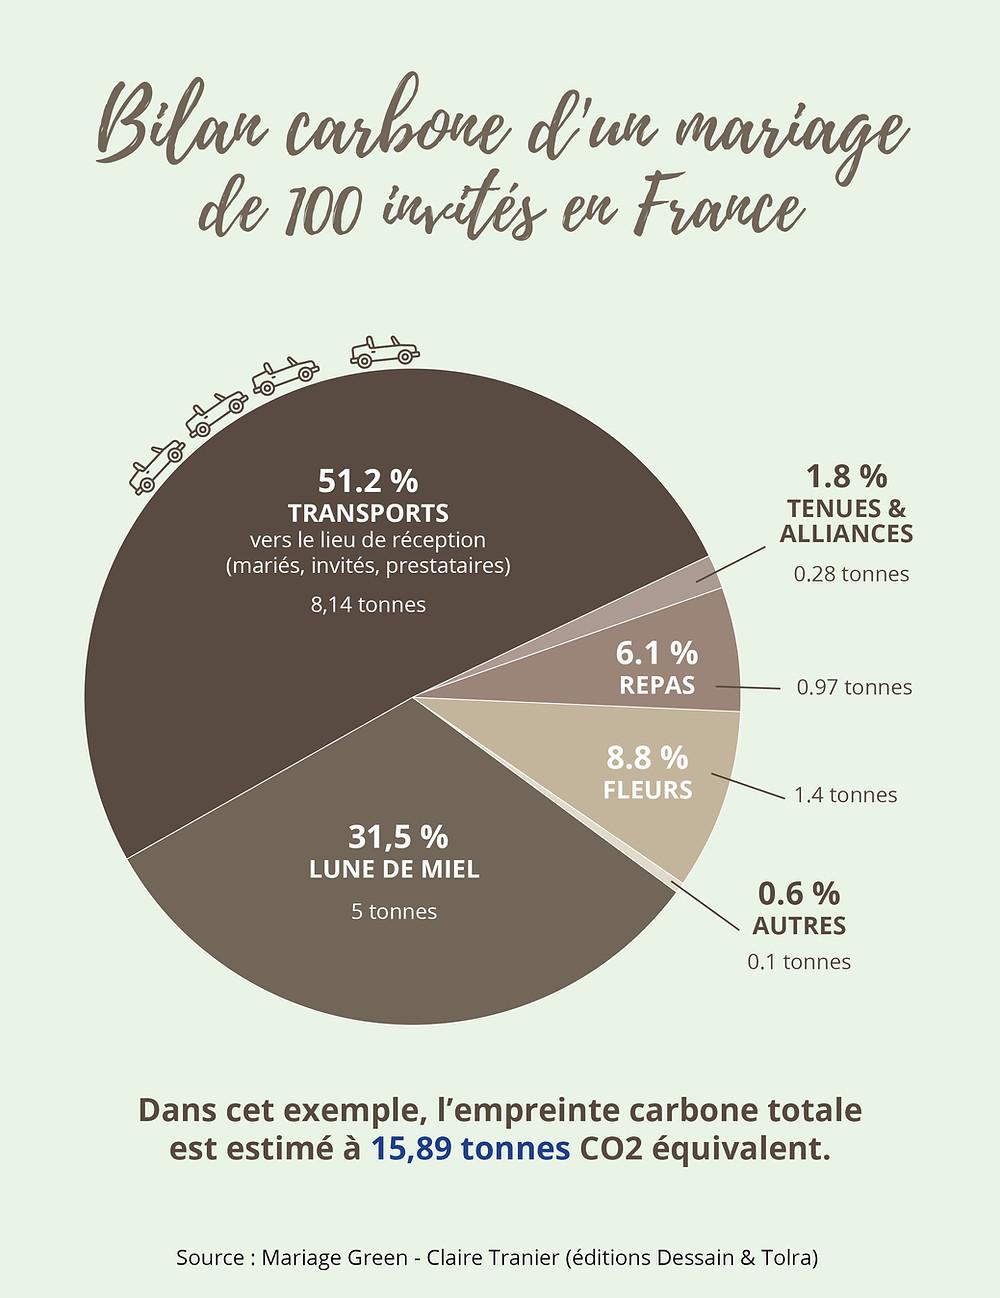 Bilan carbone d'un mariage de 100 invités en France